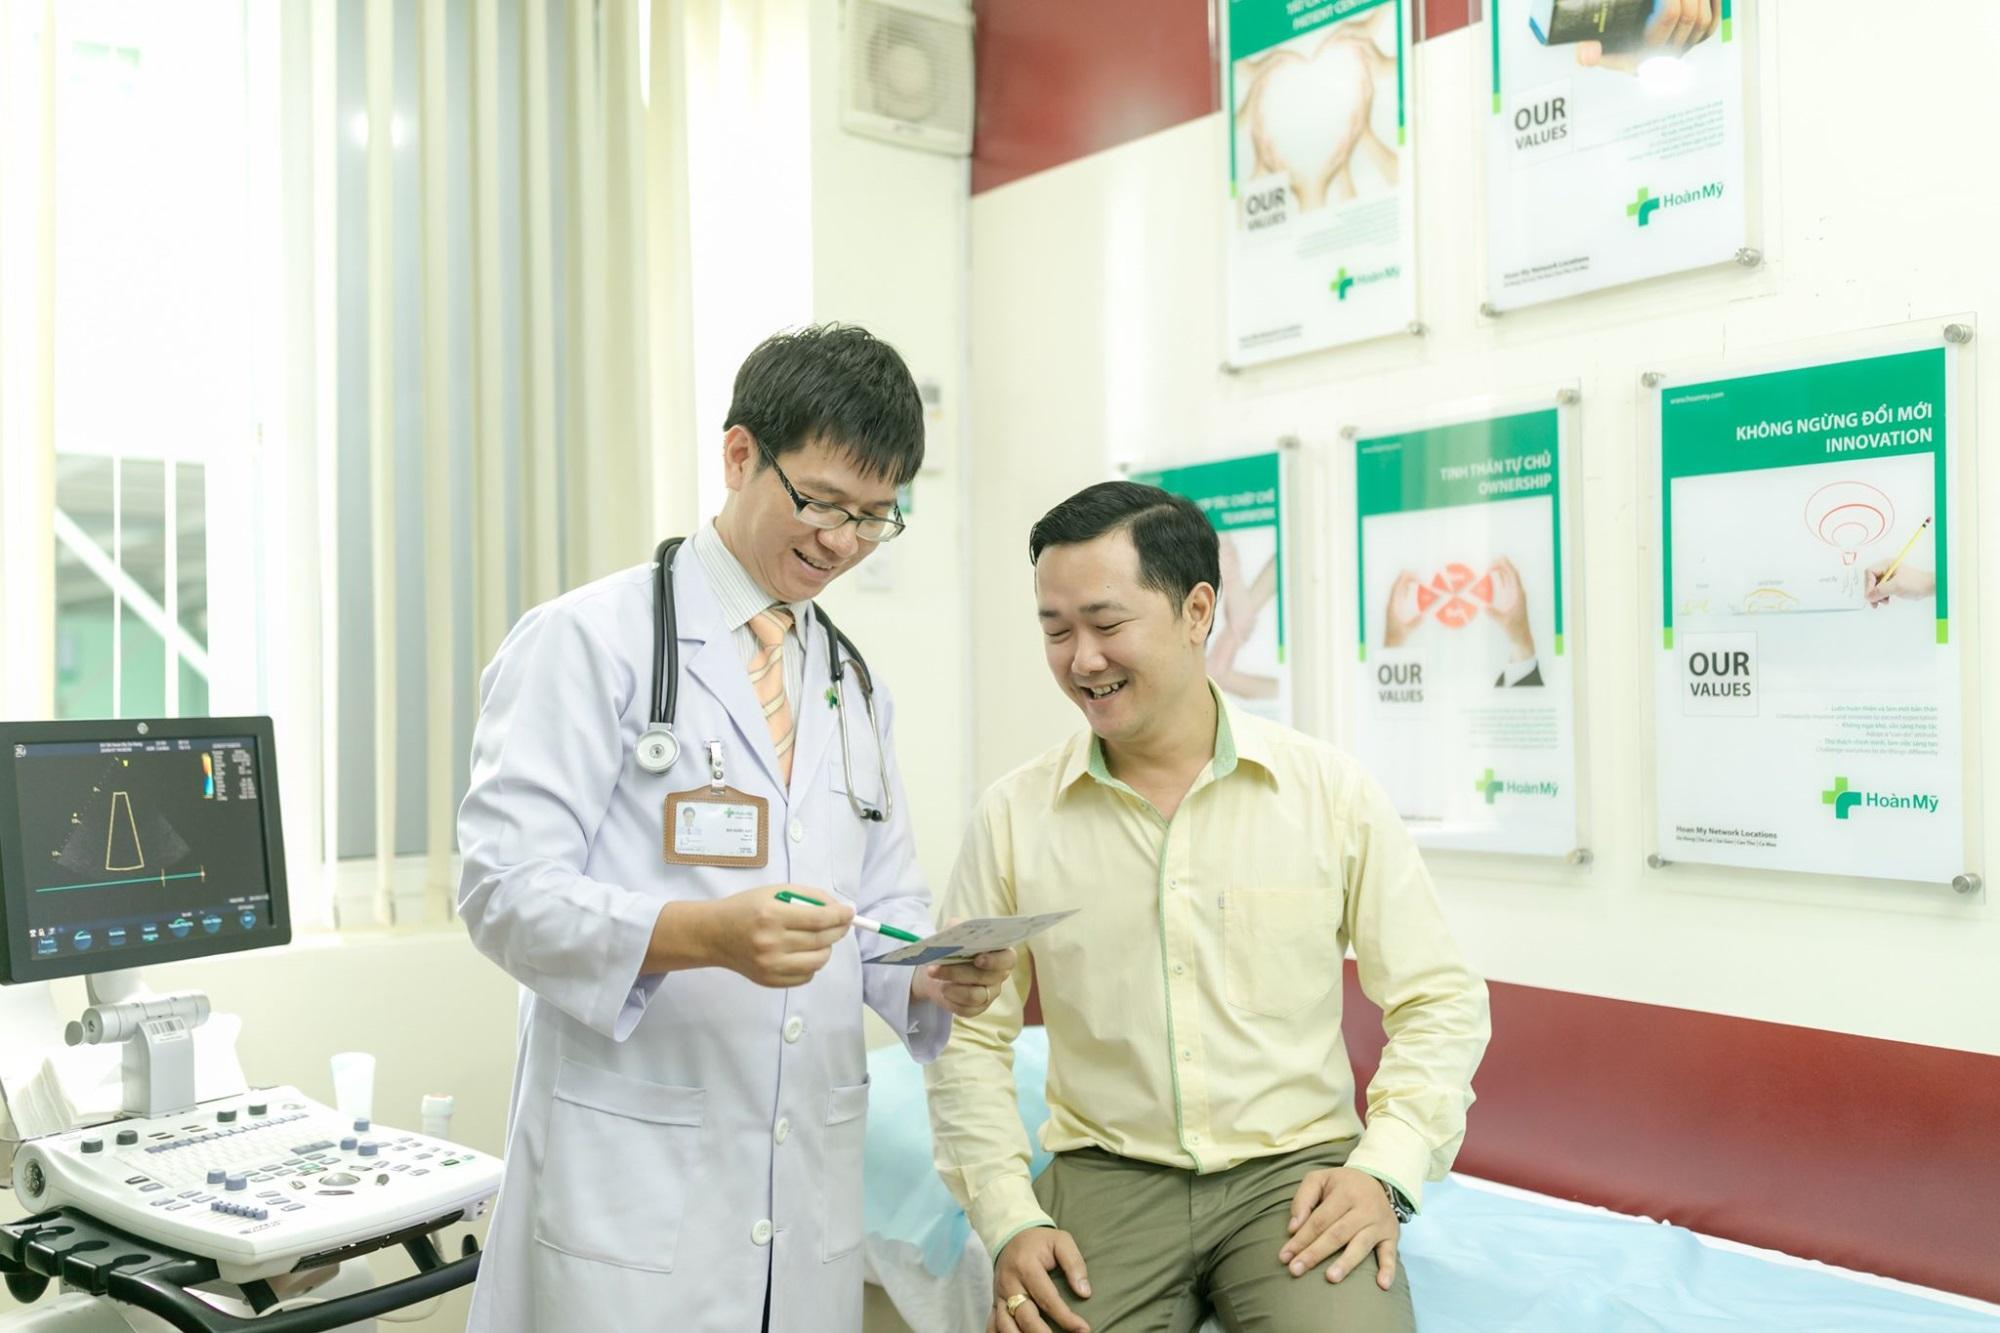 Tập đoàn Y khoa Hoàn Mỹ giới thiệu gói khám sức khỏe cơ bản thường quy chỉ 1 triệu đồng - Ảnh 2